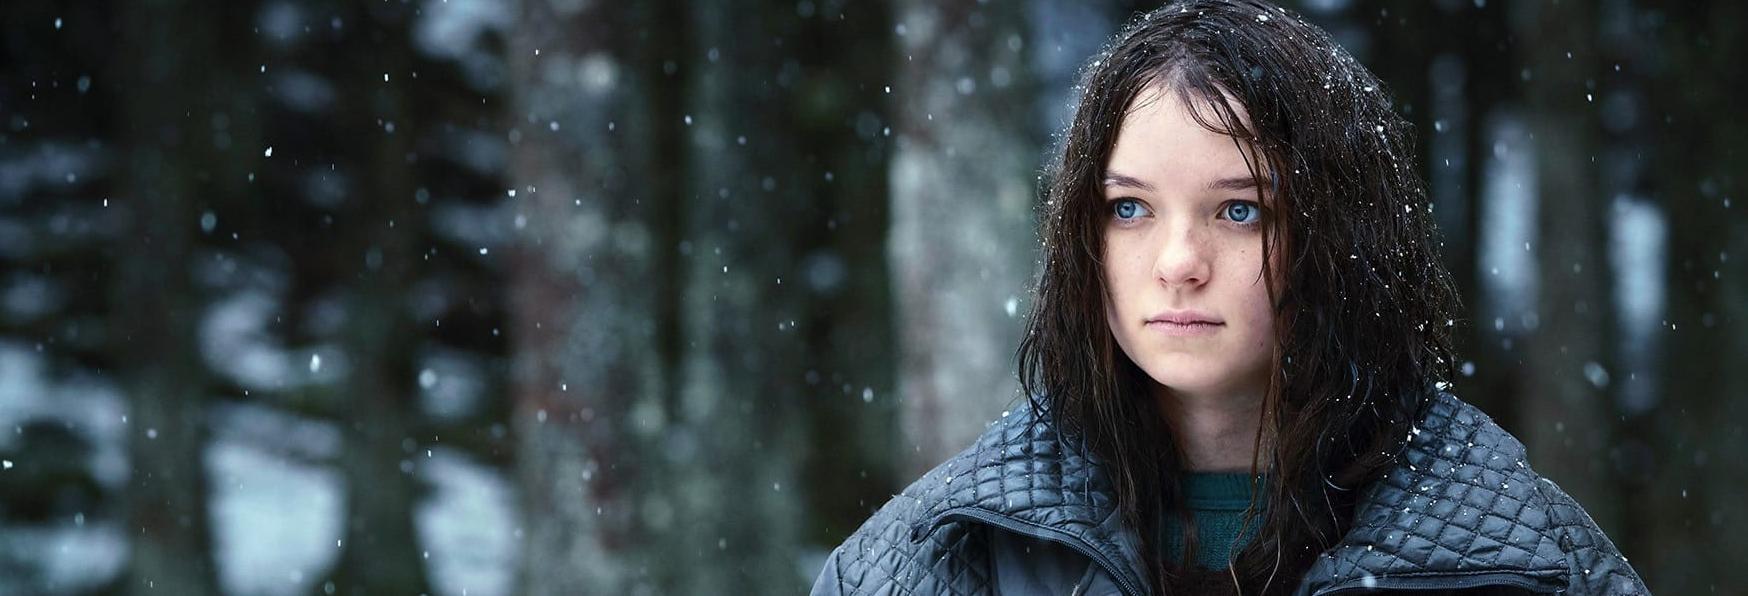 Hanna 2: il Teaser Trailer svela la Data di Uscita della nuova Stagione